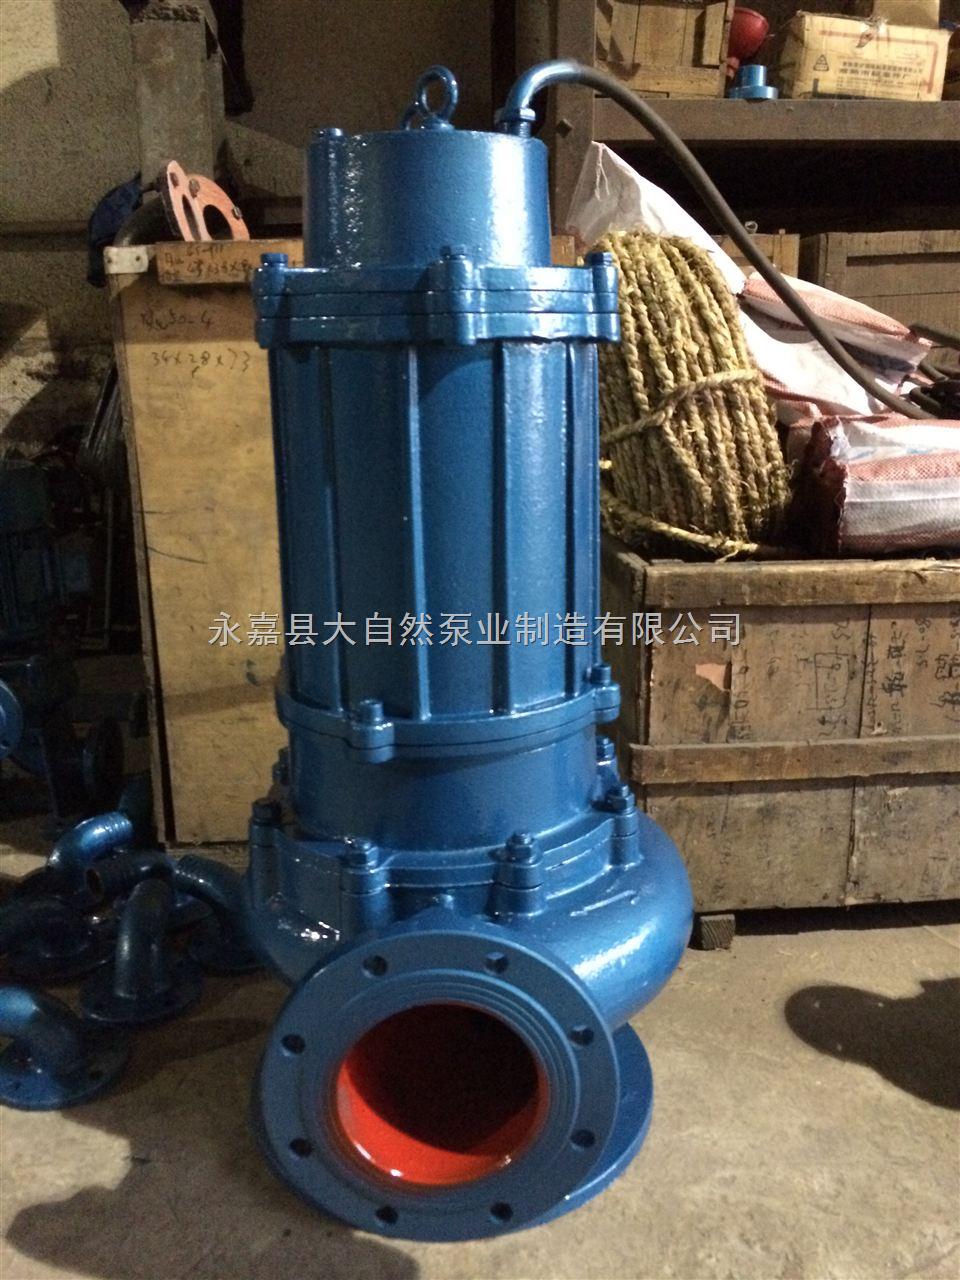 不锈钢无堵塞排污泵 上海凯泉潜水排污泵